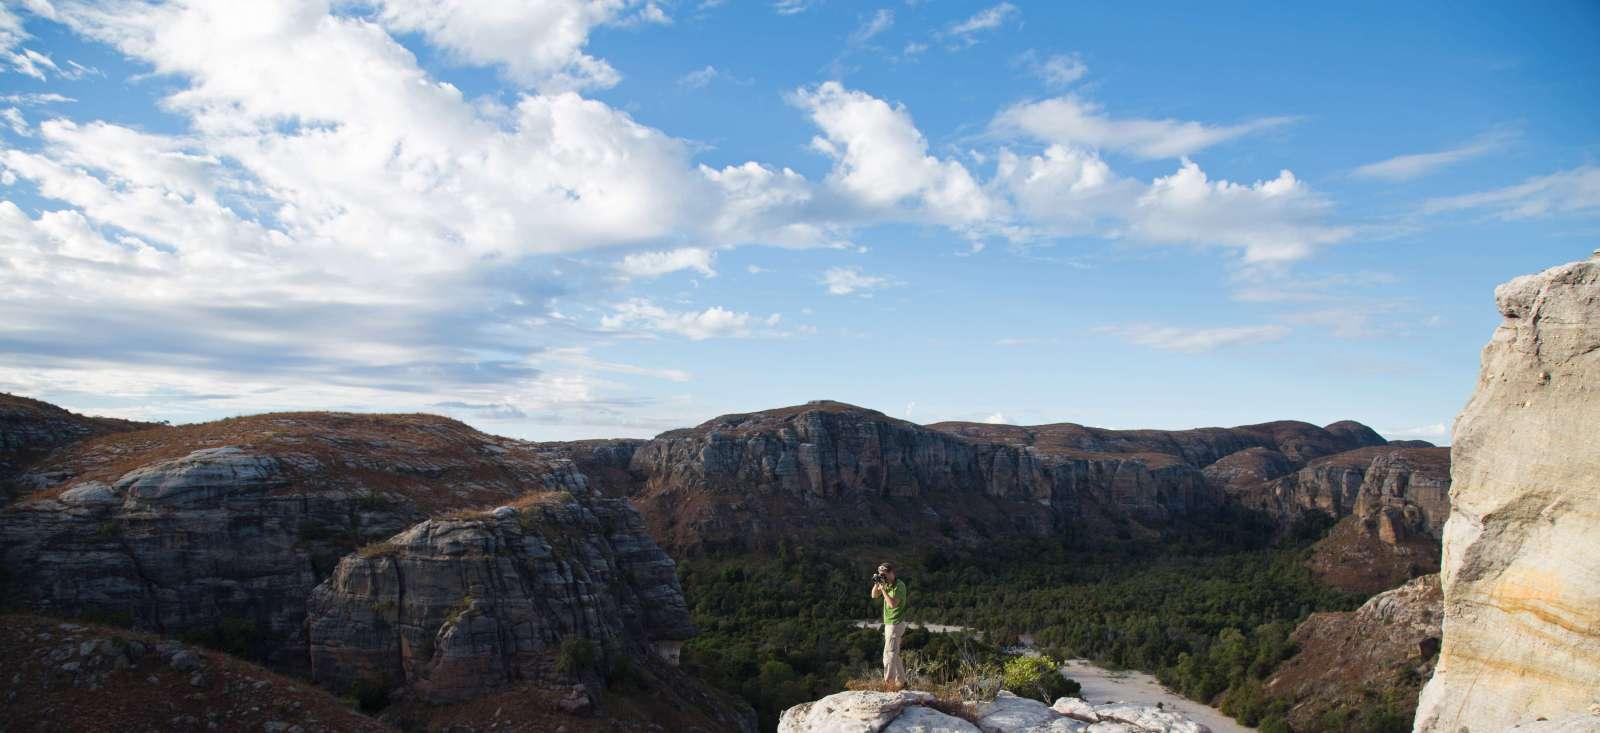 Voyage à pied Madagascar : Le paradis du trekkeur !